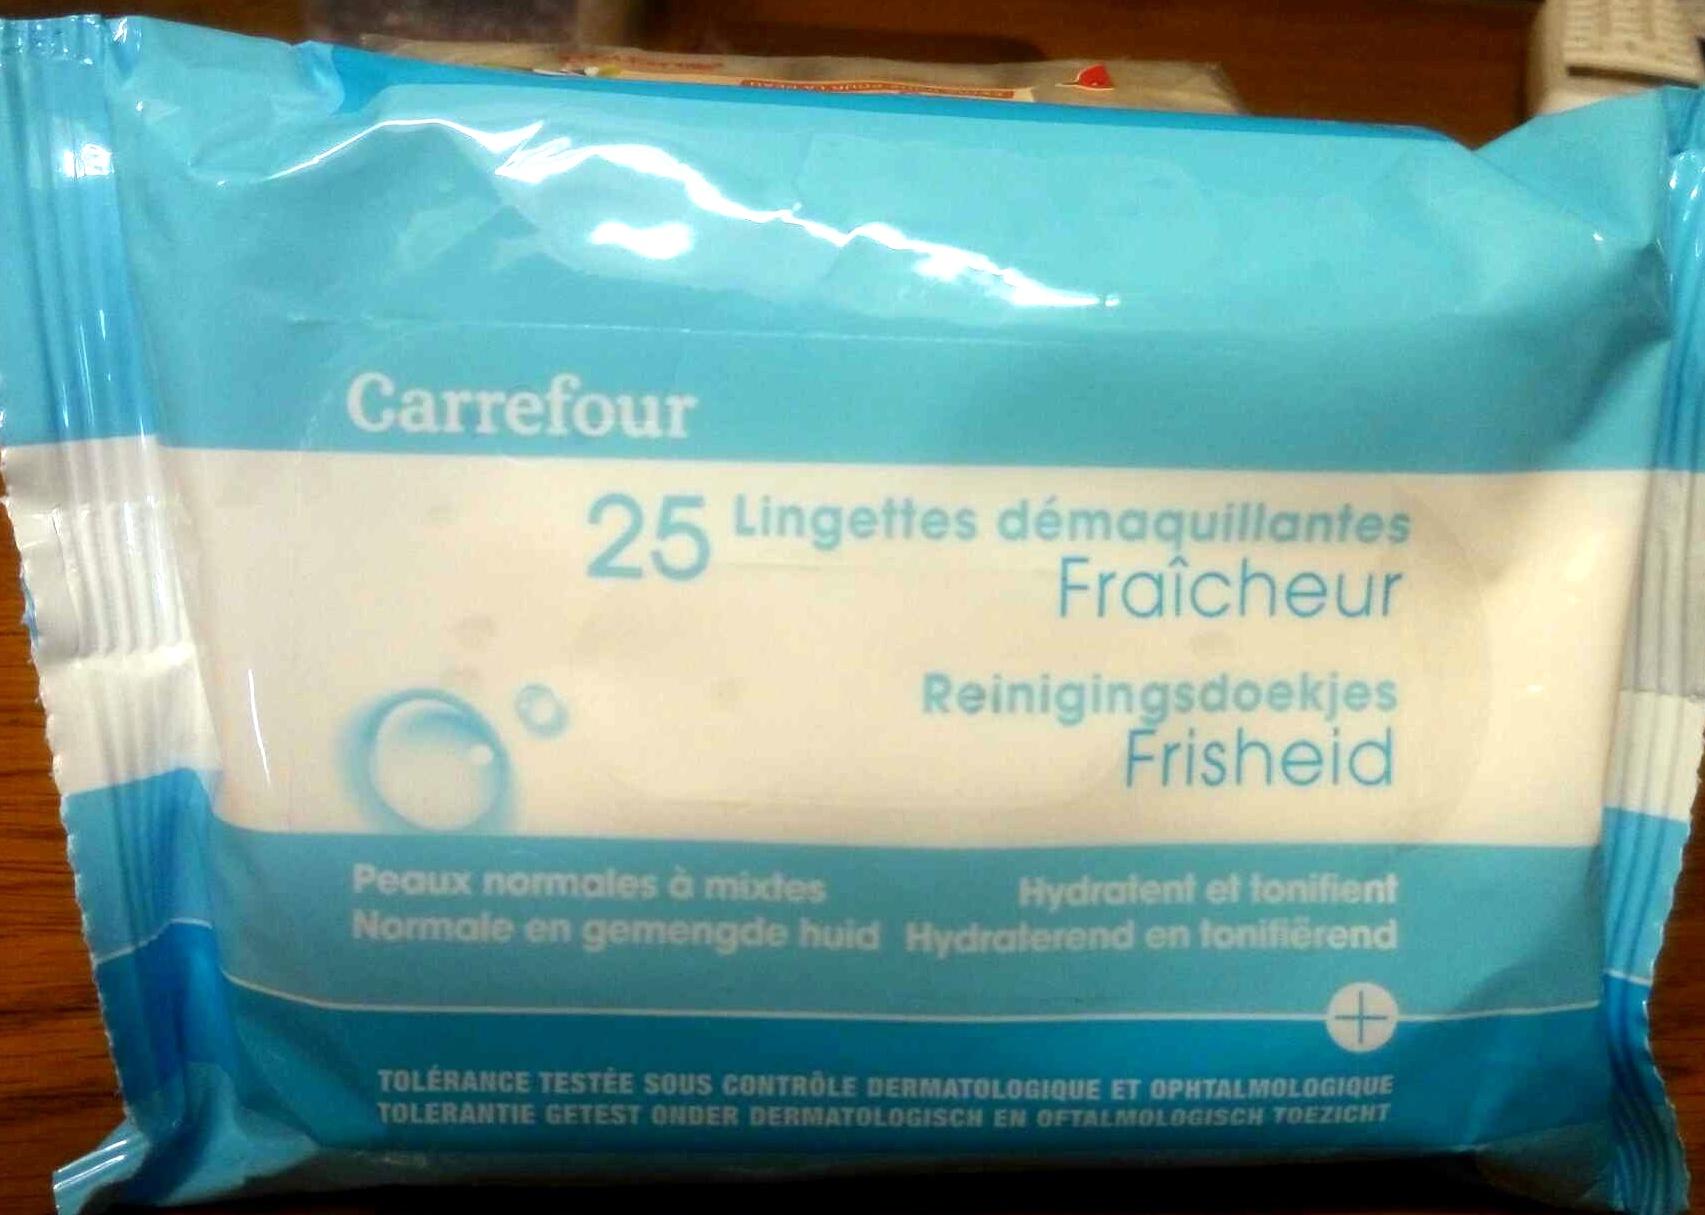 25 lingettes démaquillantes fraîcheur - Produit - fr